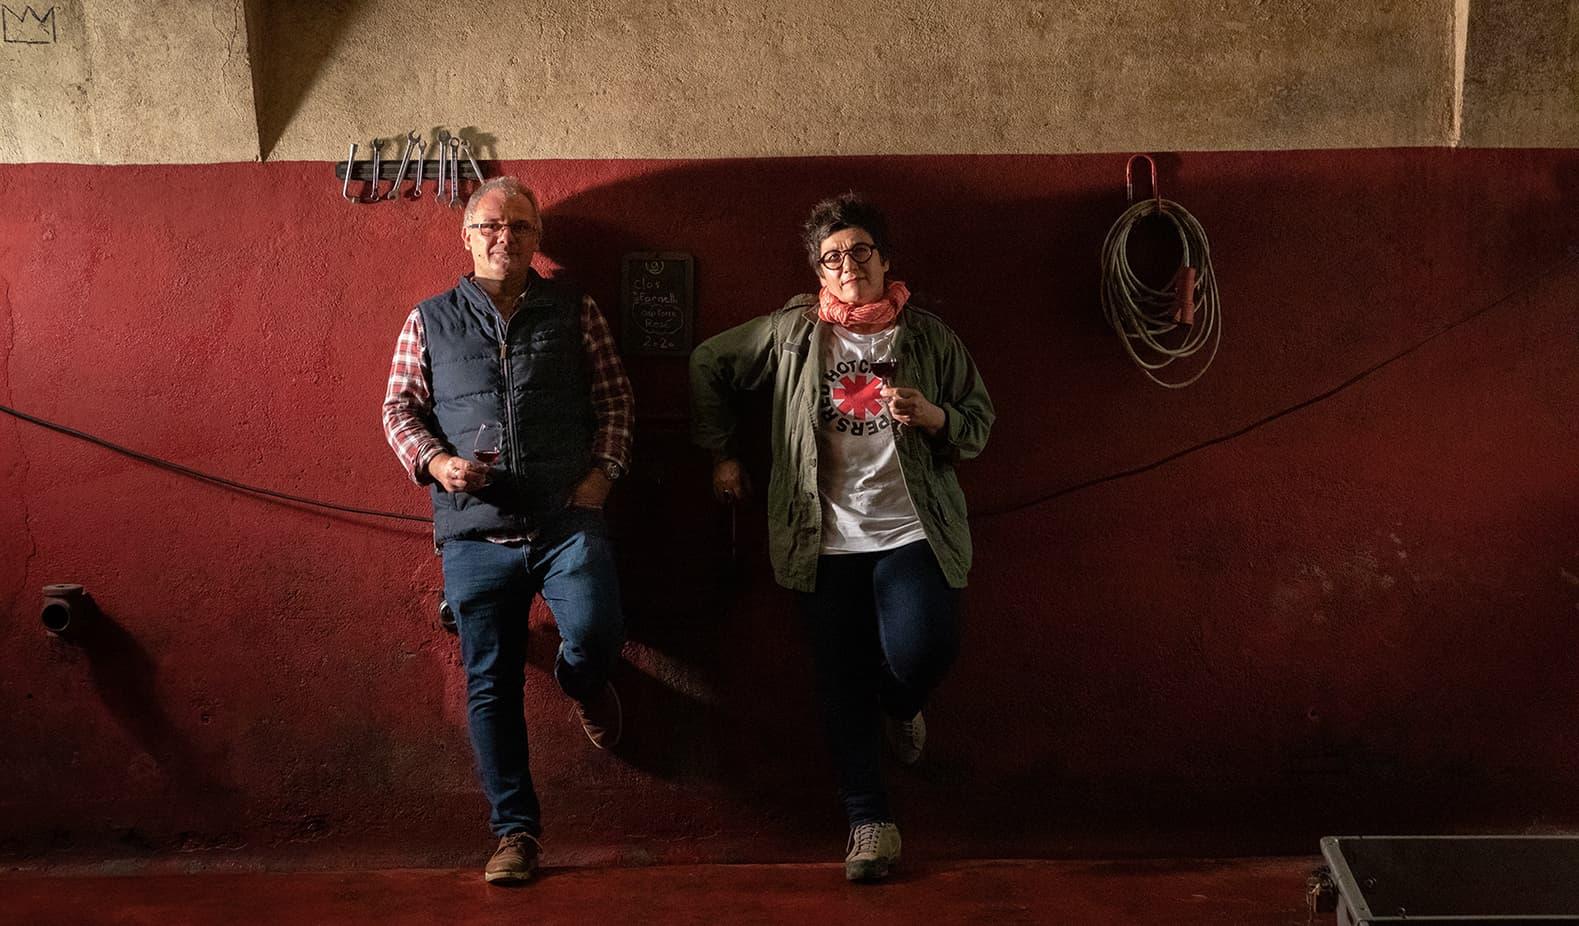 Clos Fornelli - Josée Vanucci et Fabrice Couloumere